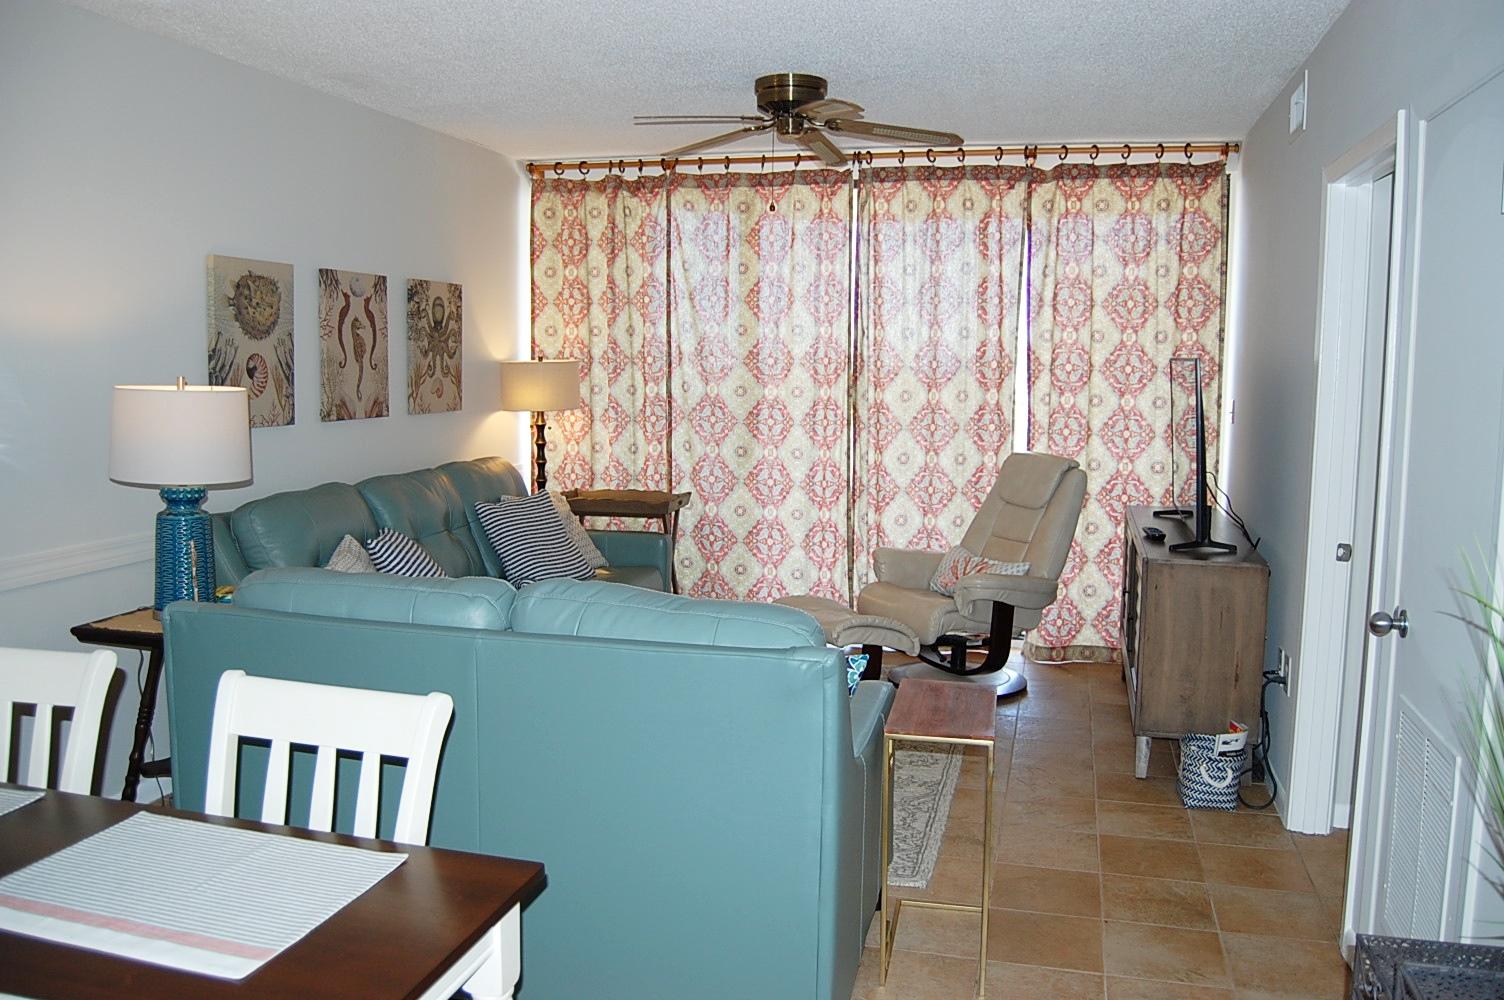 GULF VILLAGE 413 Condo rental in Gulf Village Gulf Shores in Gulf Shores Alabama - #15